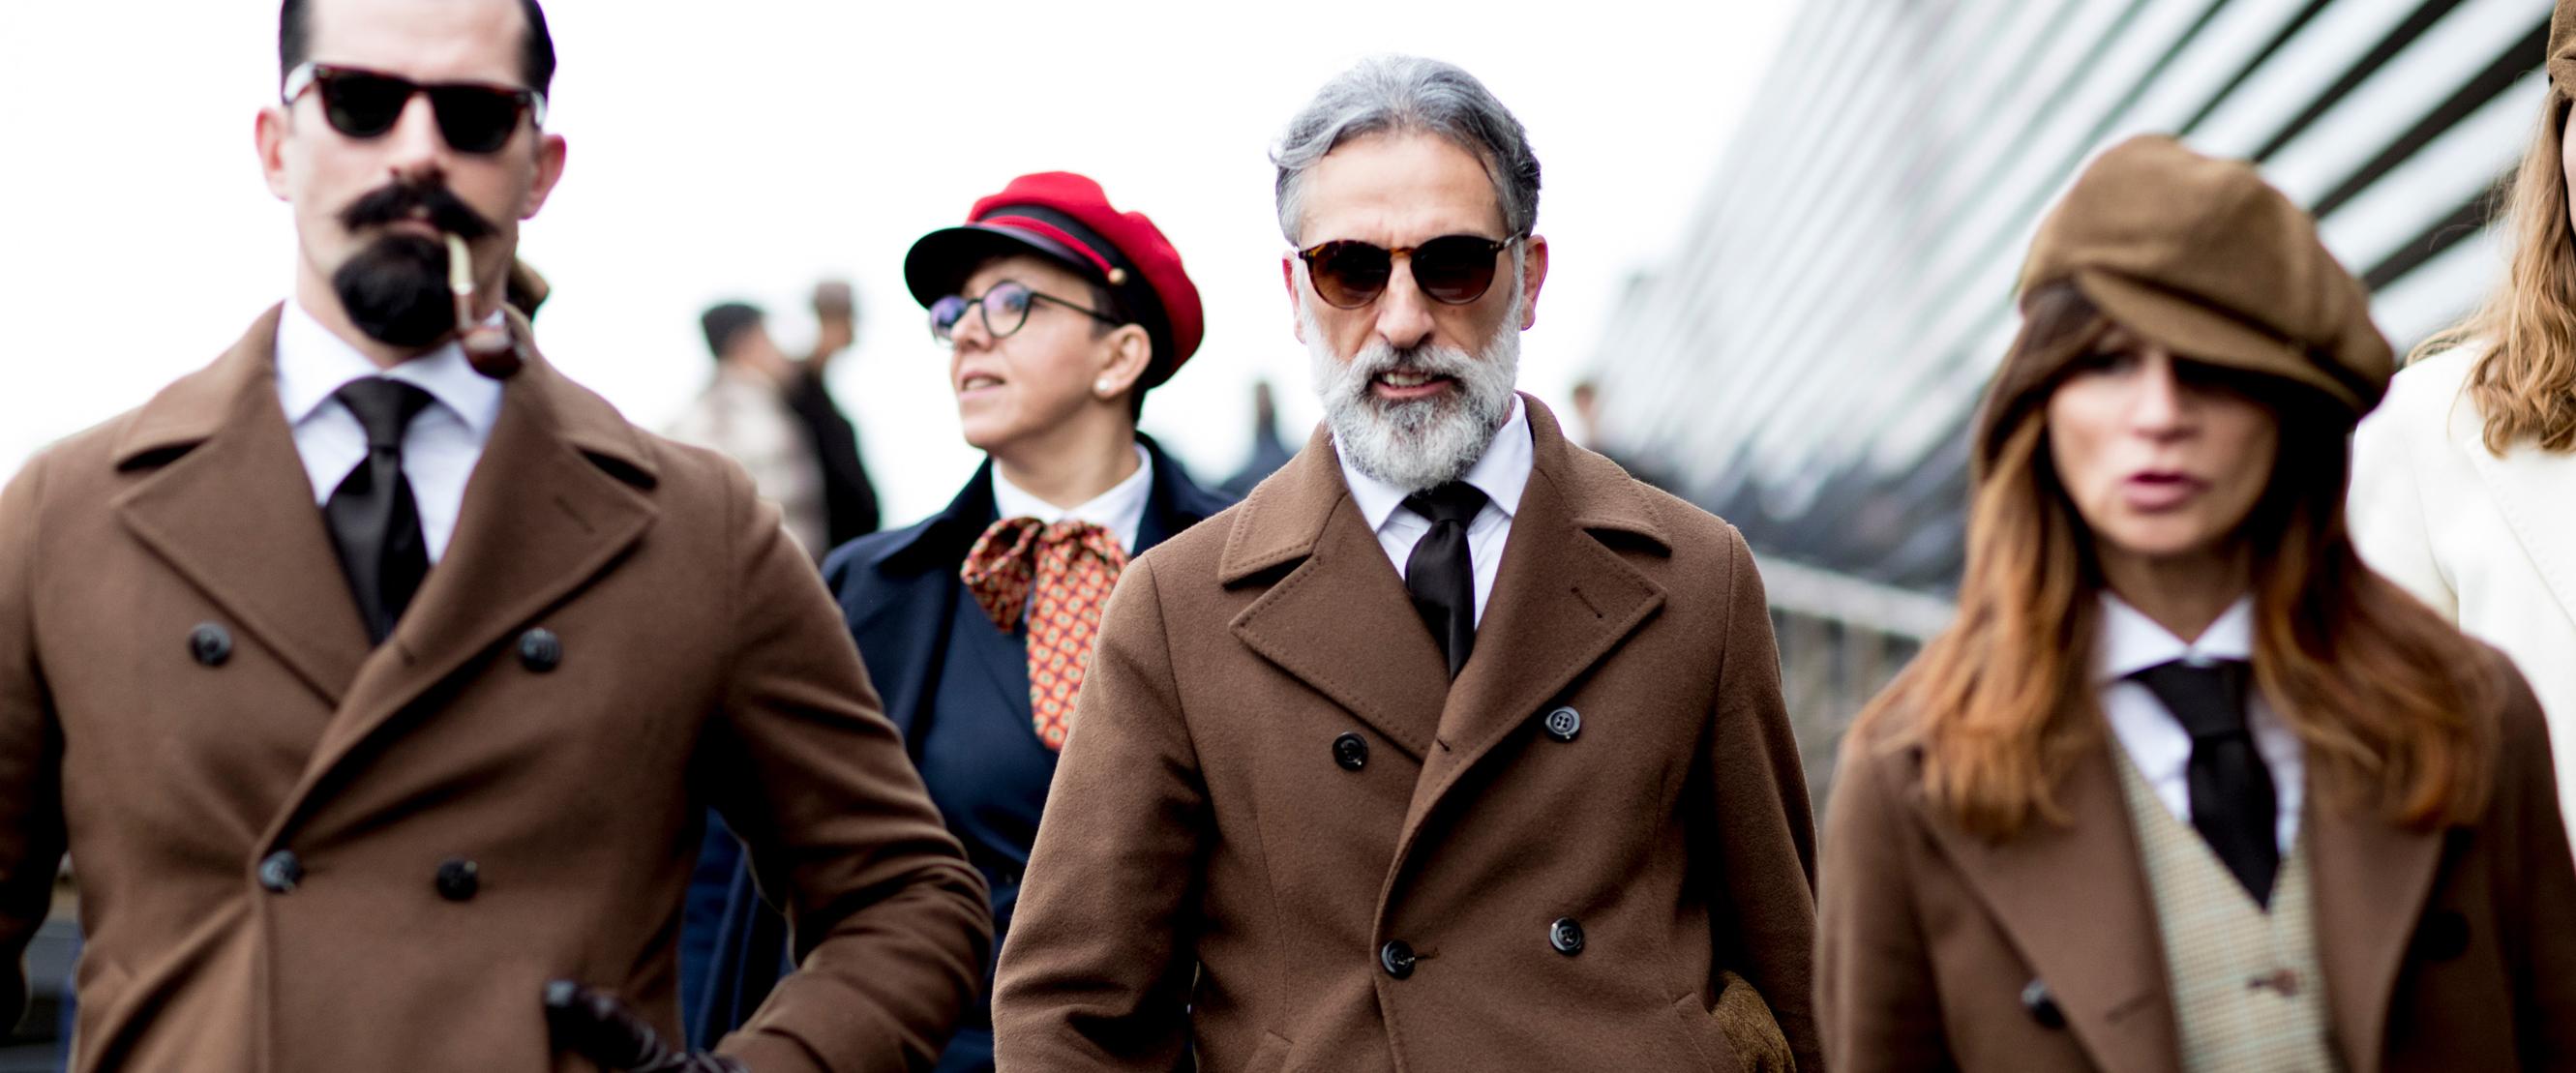 意大利佛罗伦萨男装展(Pitti Uomo)创立于1954年,至今已举办了93届。是世界上最专业最具权威的男装展。每年的1月和6月,全世界的型男都涌入到了弗洛伦萨Pitti宫。来一场说走就走的佛罗伦萨旅行,看一场令人目不暇接的男装盛宴。